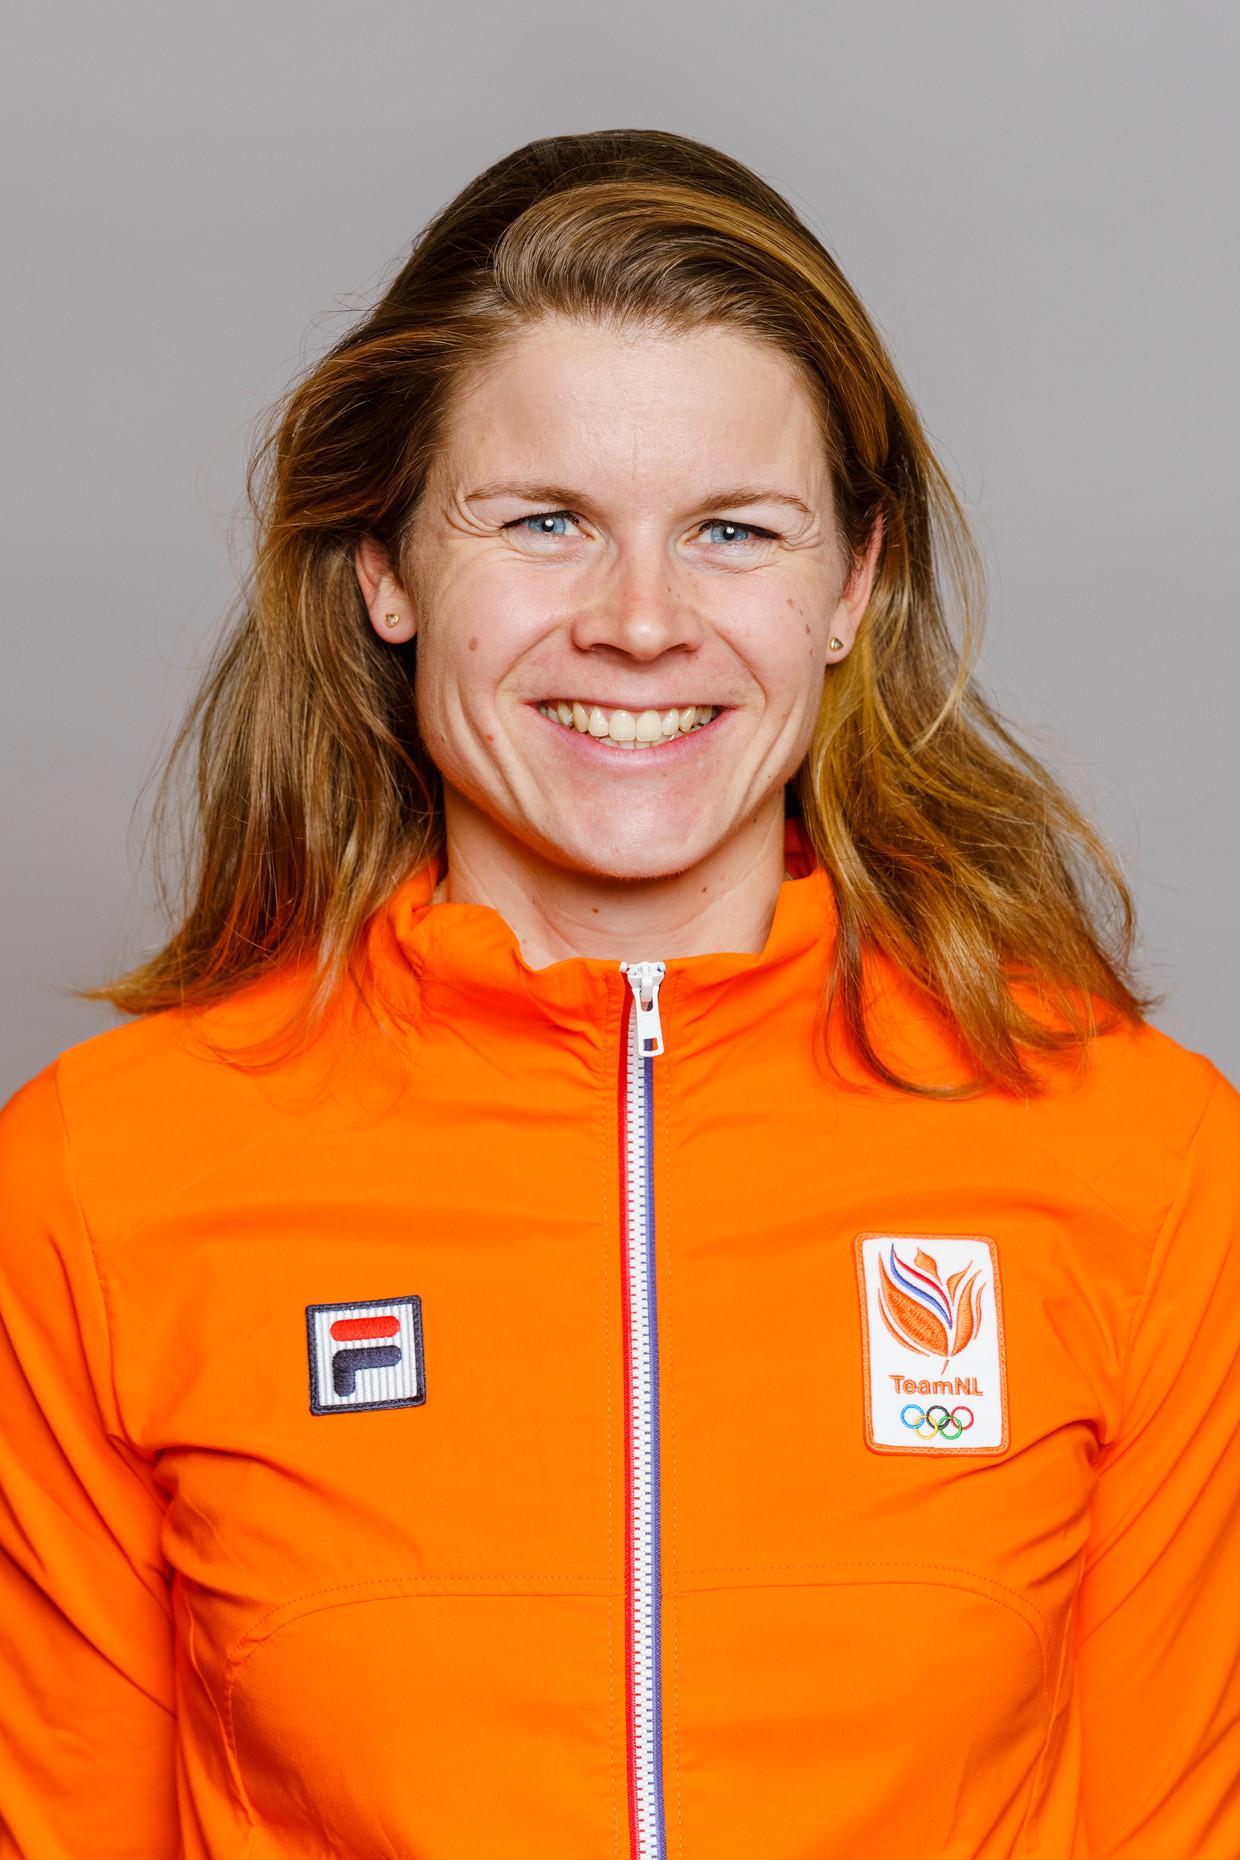 Inge Janssen (30) is een roeister uit Amsterdam. Ze won onder meer zilver bij de Olympische Spelen van 2016 in Rio, in de dubbelvier.